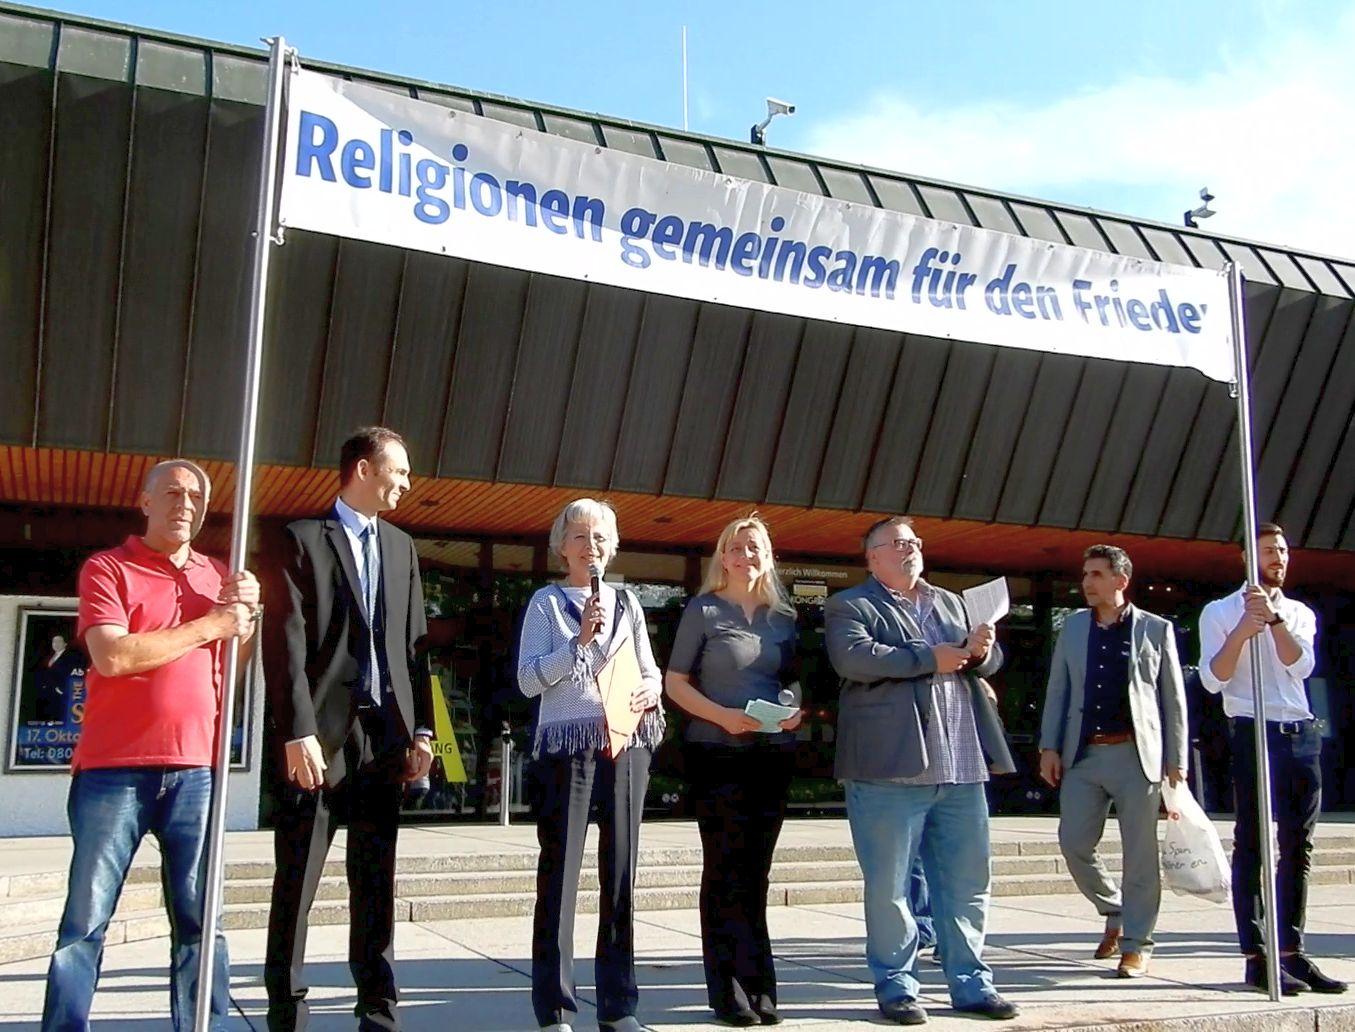 Friedensweg der Religionen